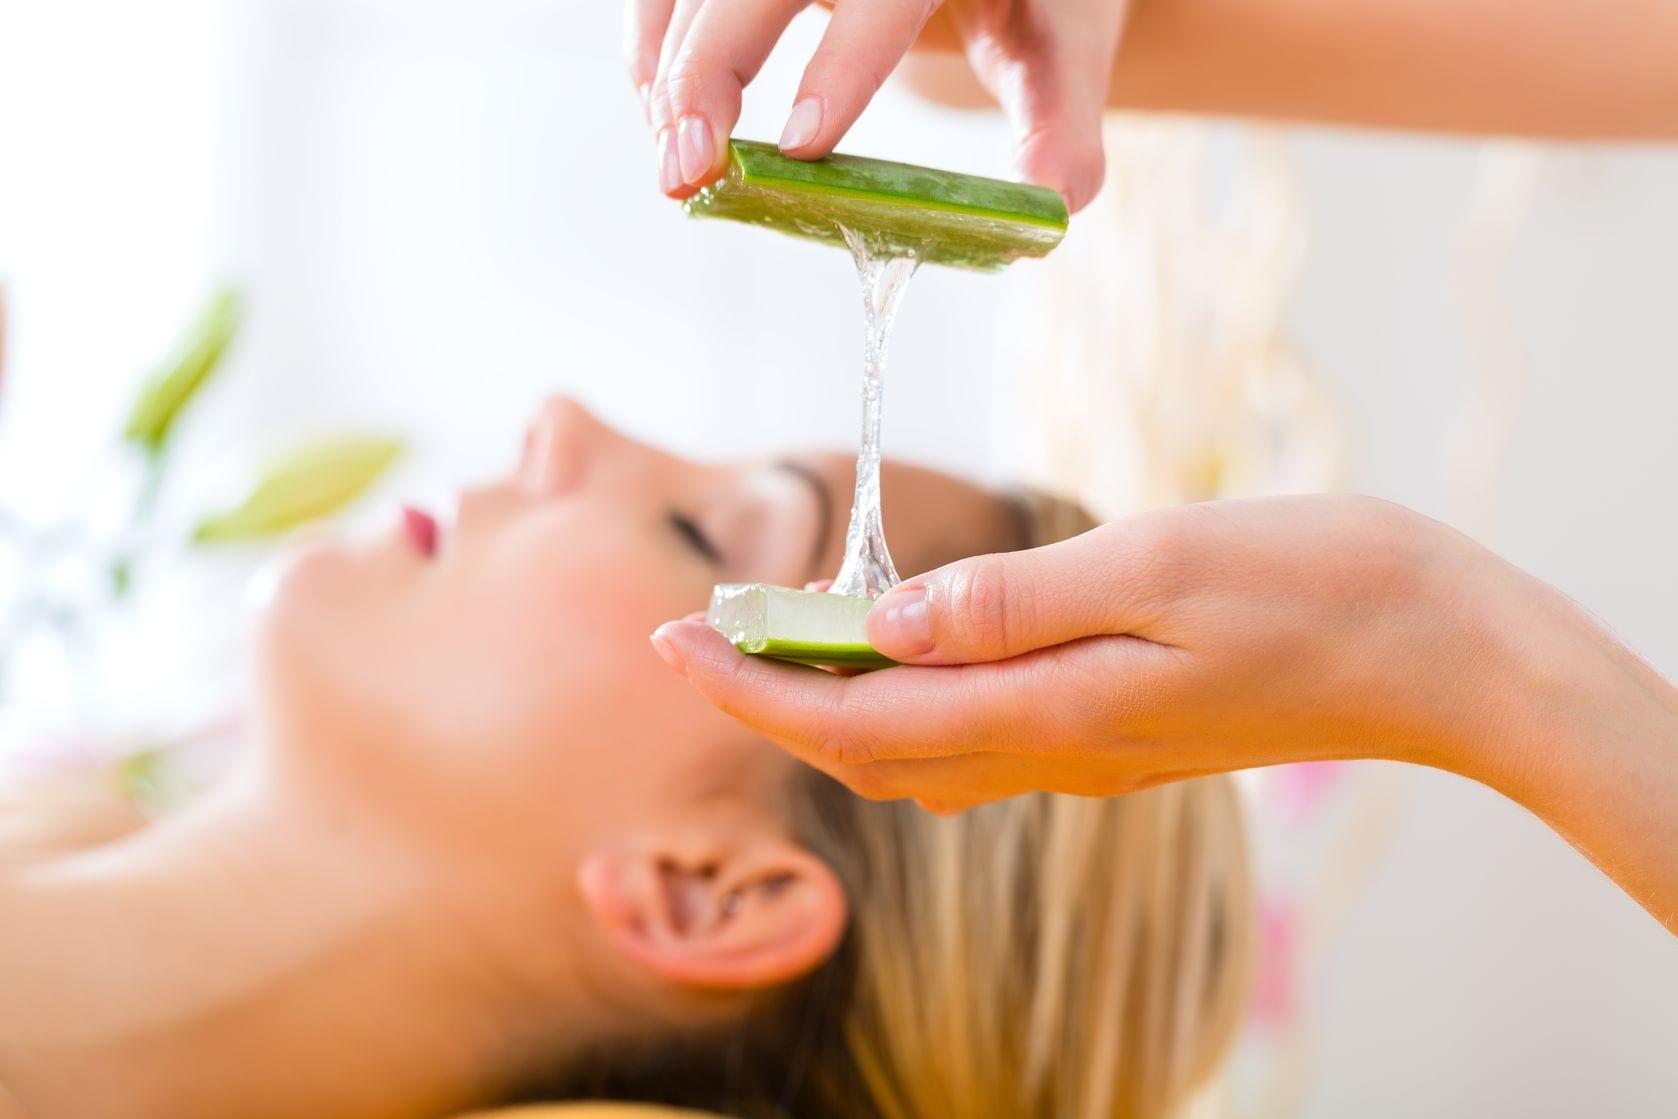 Жирную кожу хорошо смазывать соком или ледяными кубиками из алоэ и лимонного сока, смешанных в равных частях.